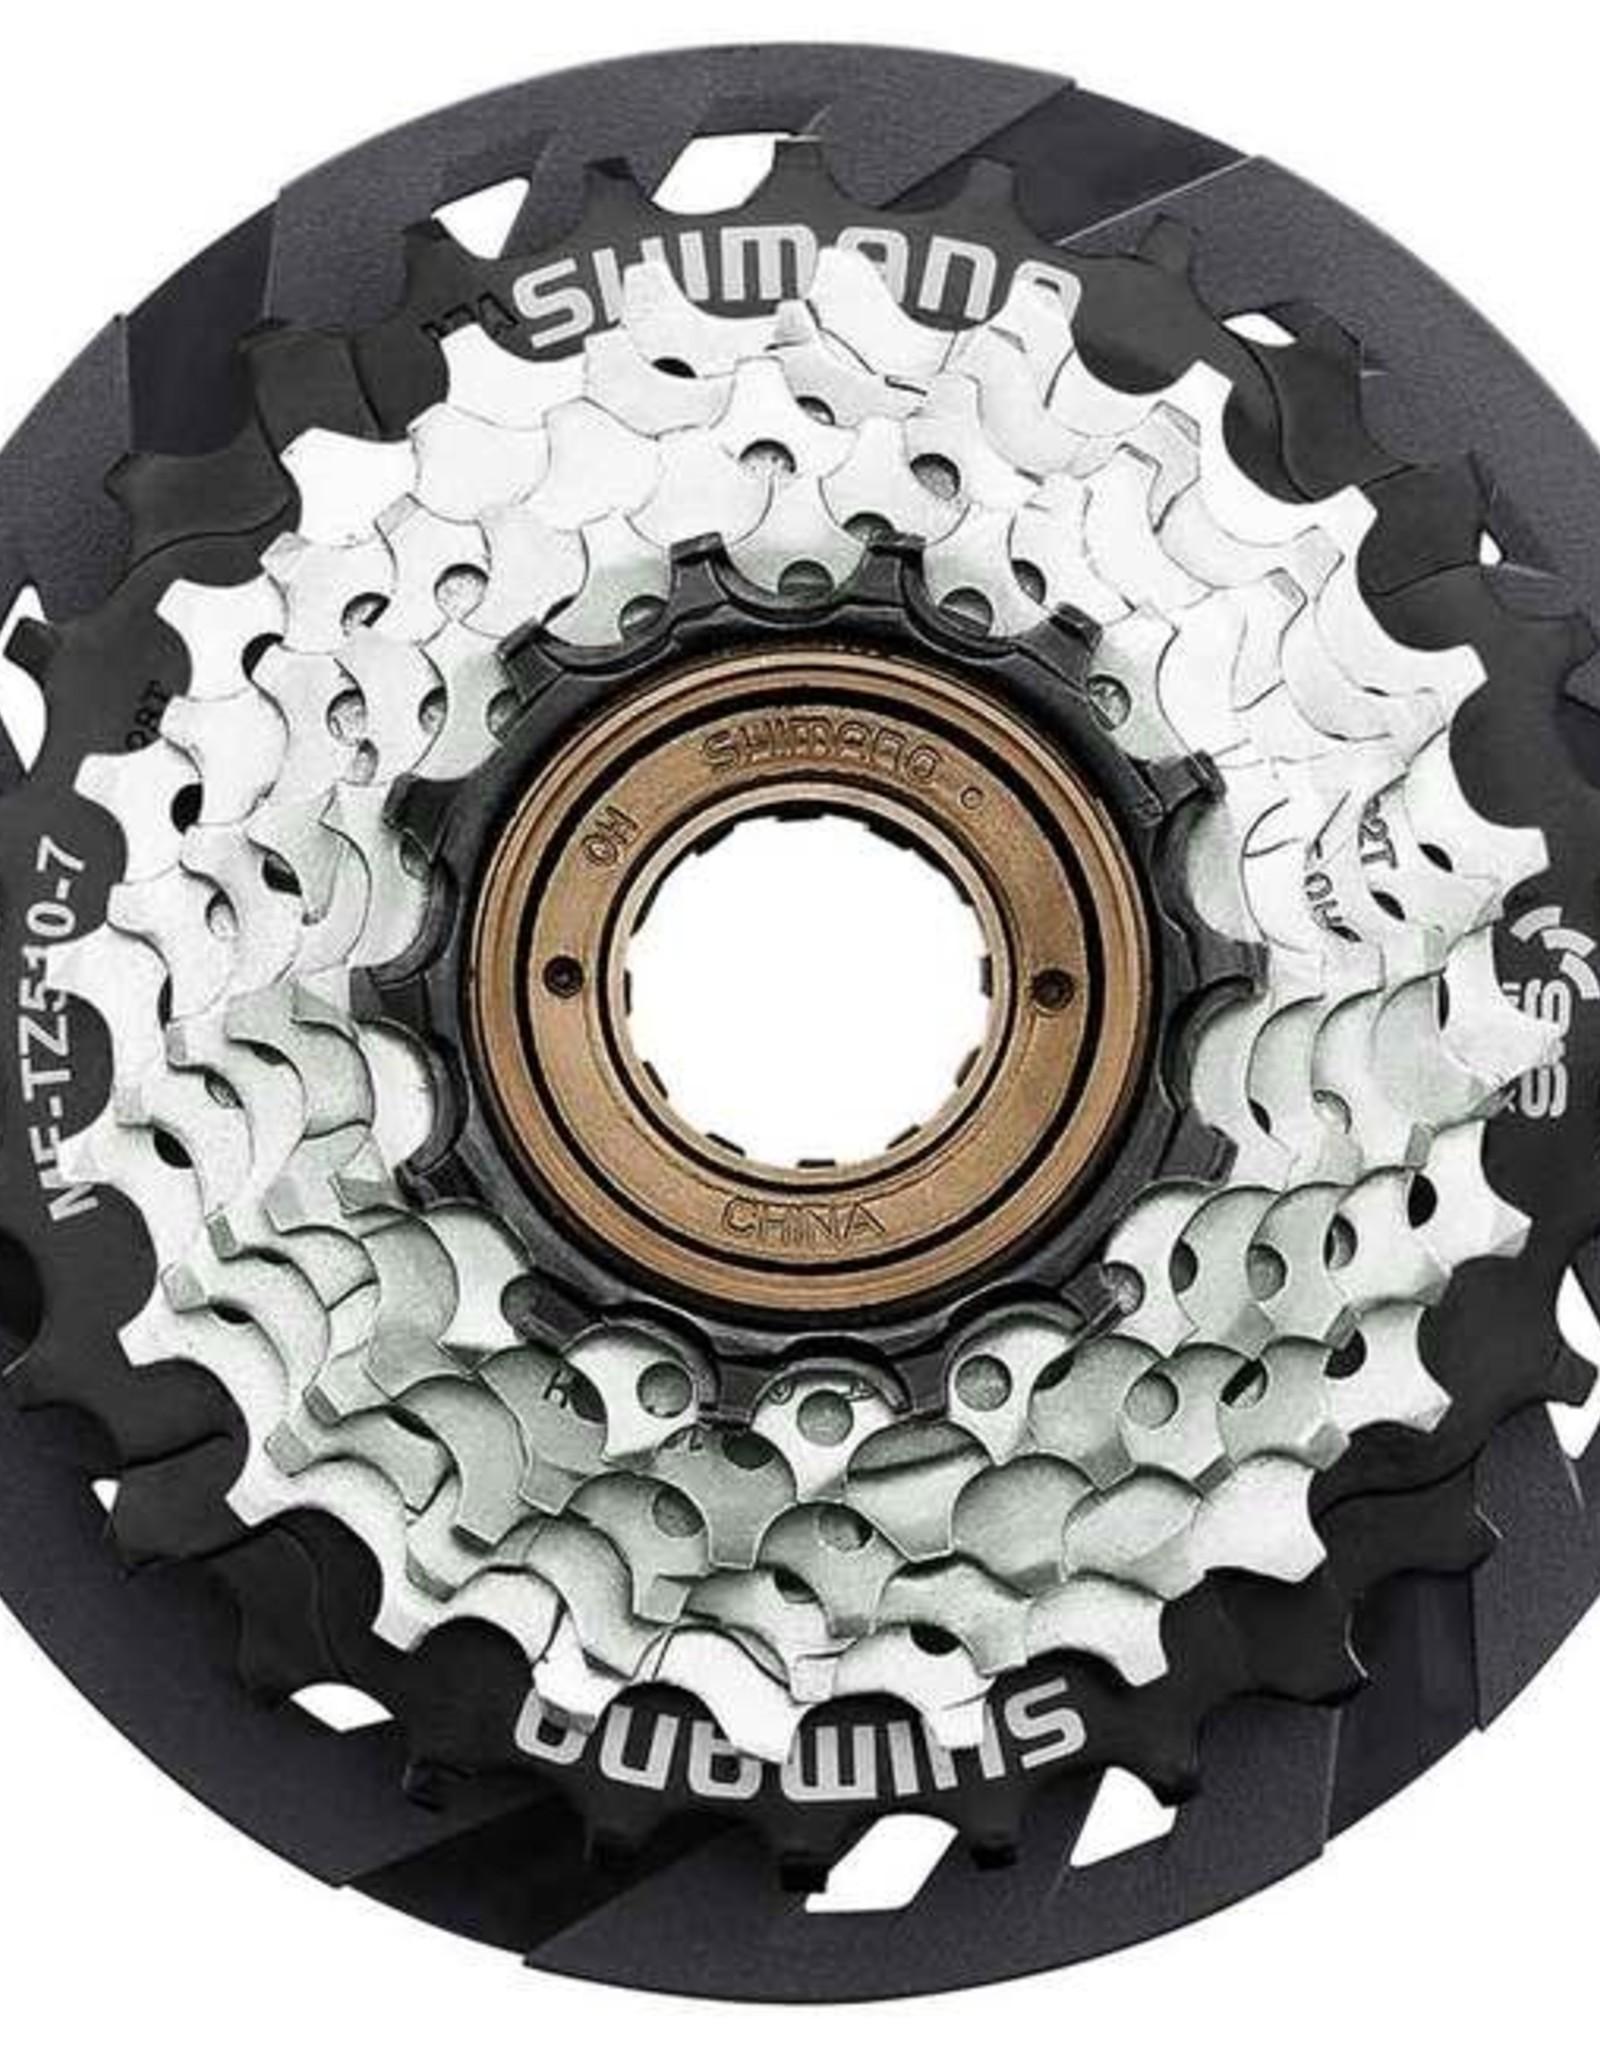 Shimano Shimano Multiple Freewheel Sprocket, MF-TZ510 14-28T, 7-SPEED, 14-16-18-20-22-24-28T, W/spoke Protector